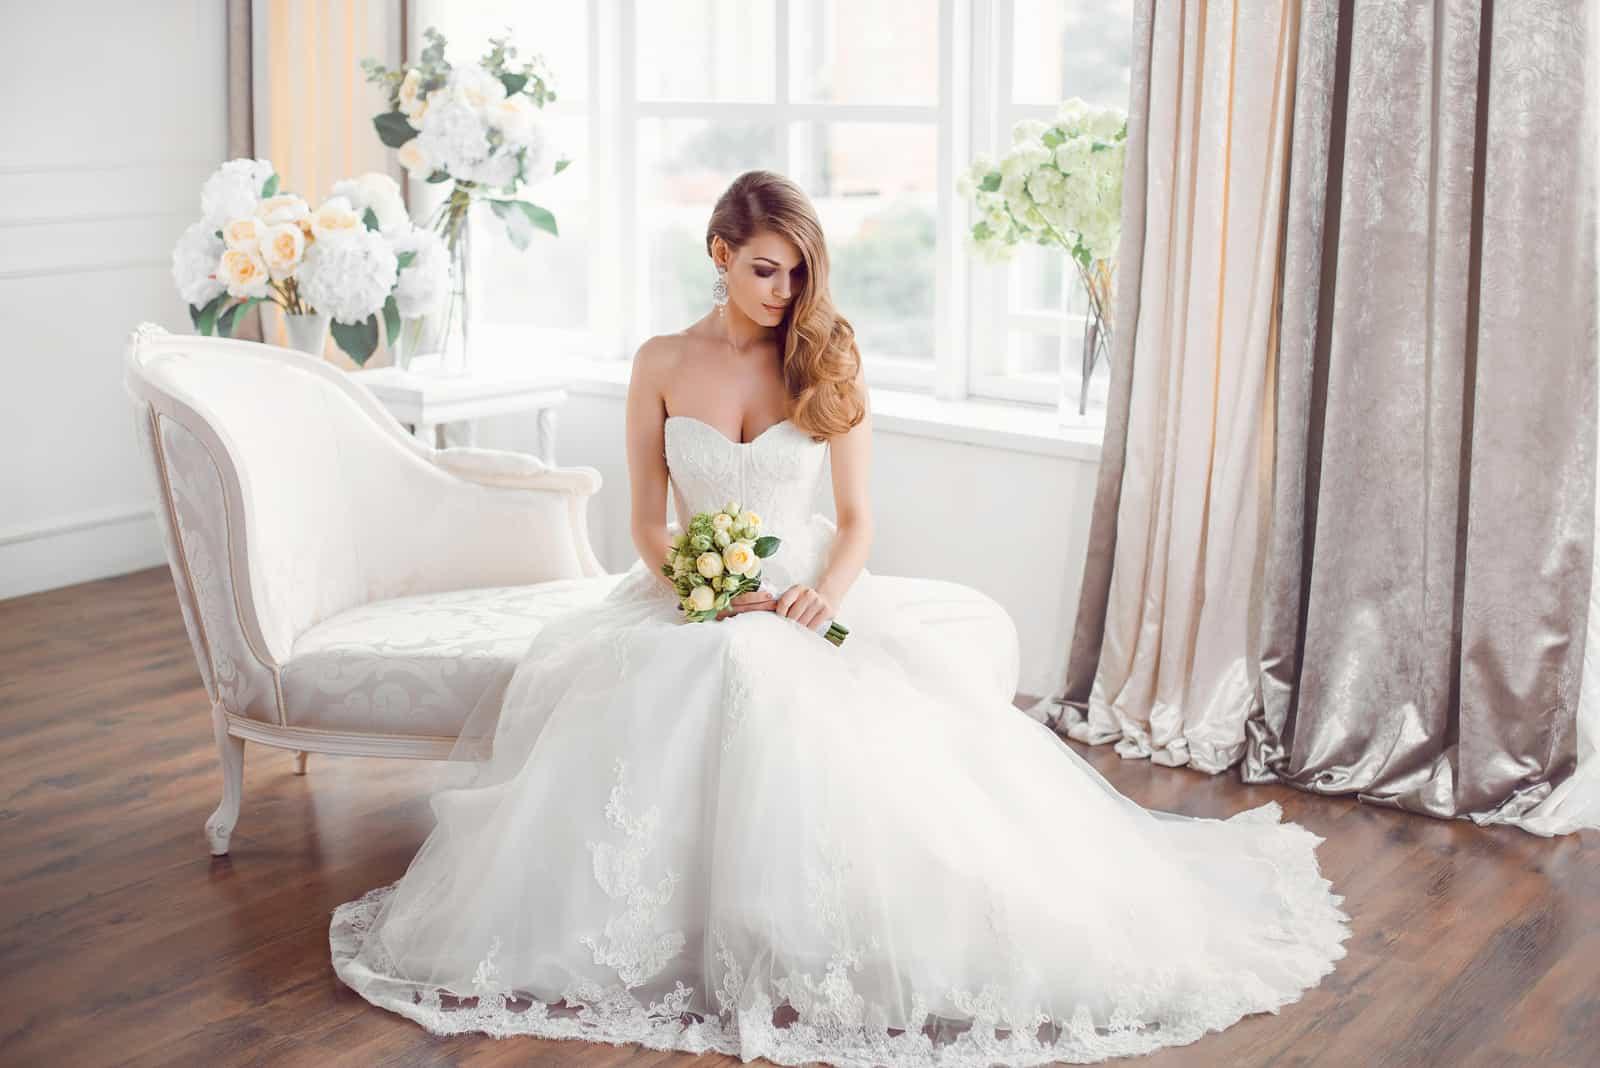 Brautkleid leihen: Die Kosten und worauf du achten solltest